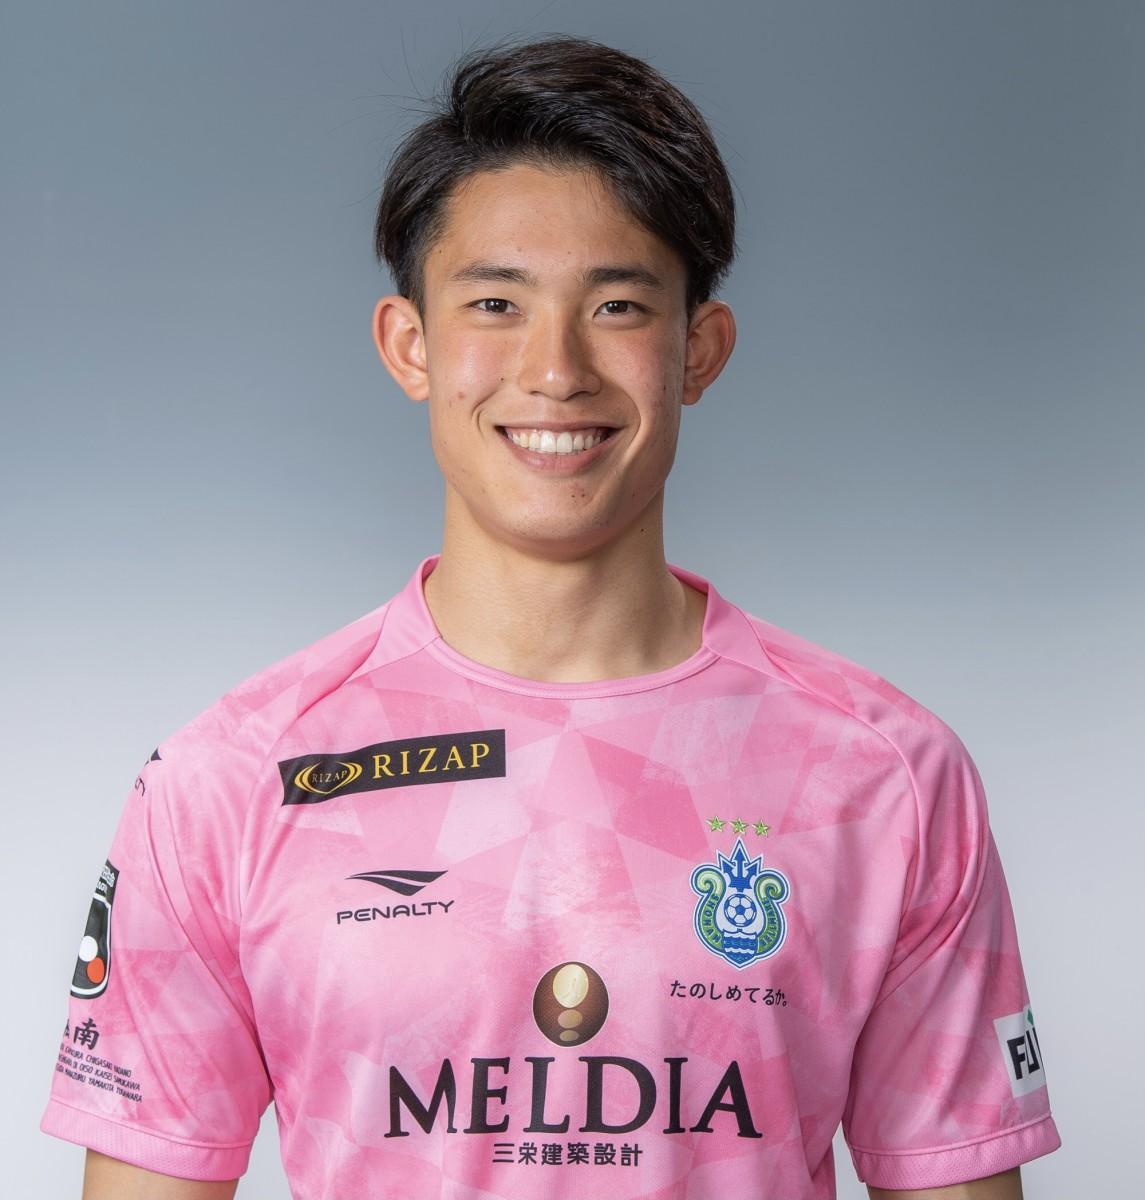 東京五輪サッカーU-24日本代表に選出された湘南ベルマーレ谷選手